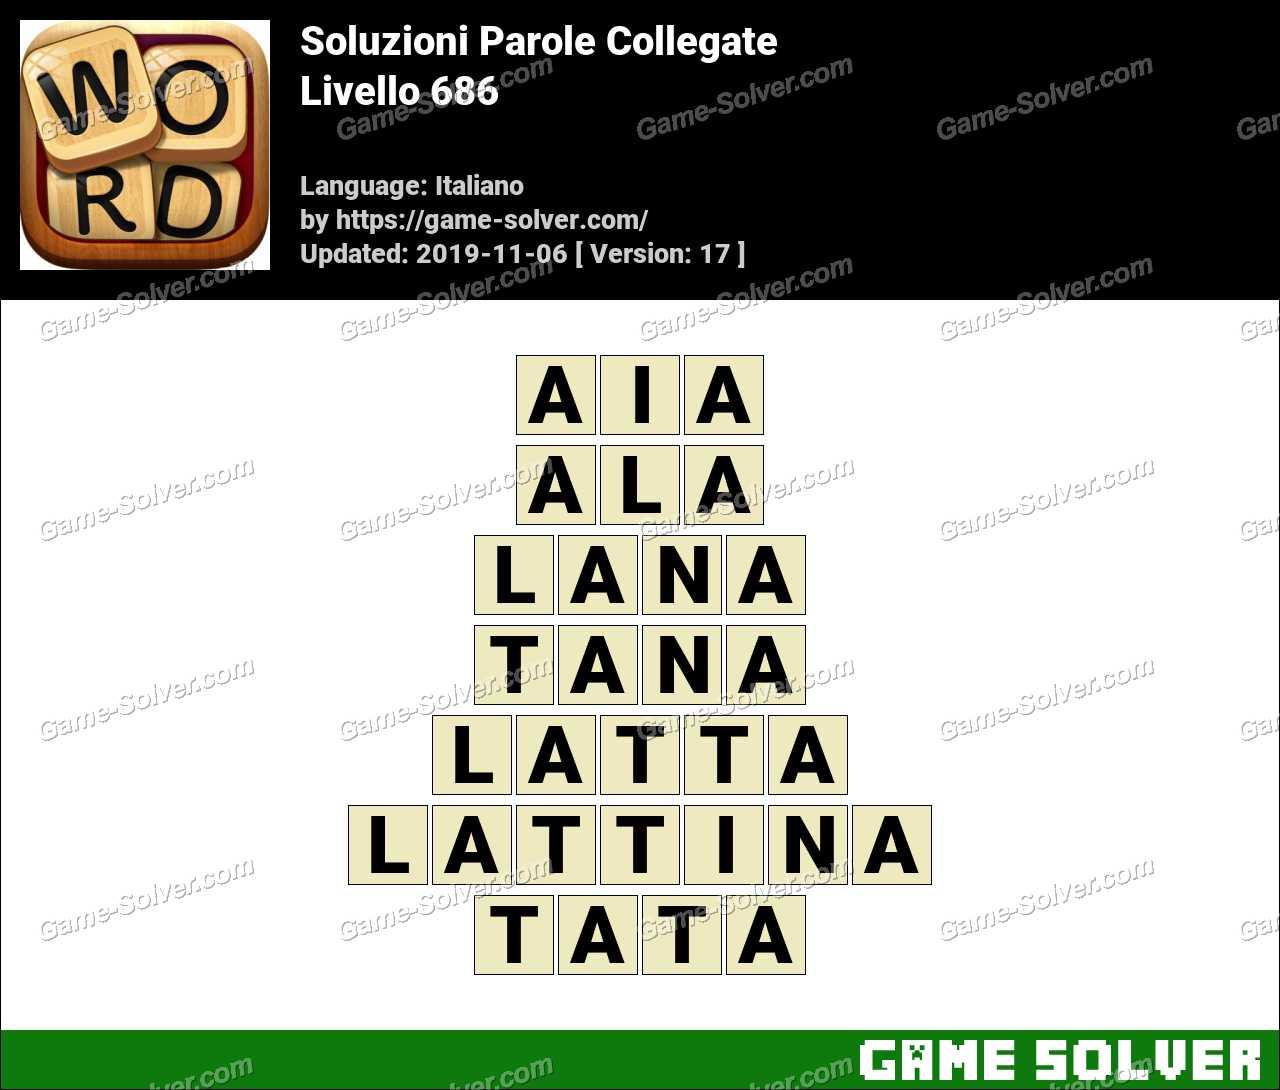 Soluzioni Parole Collegate Livello 686